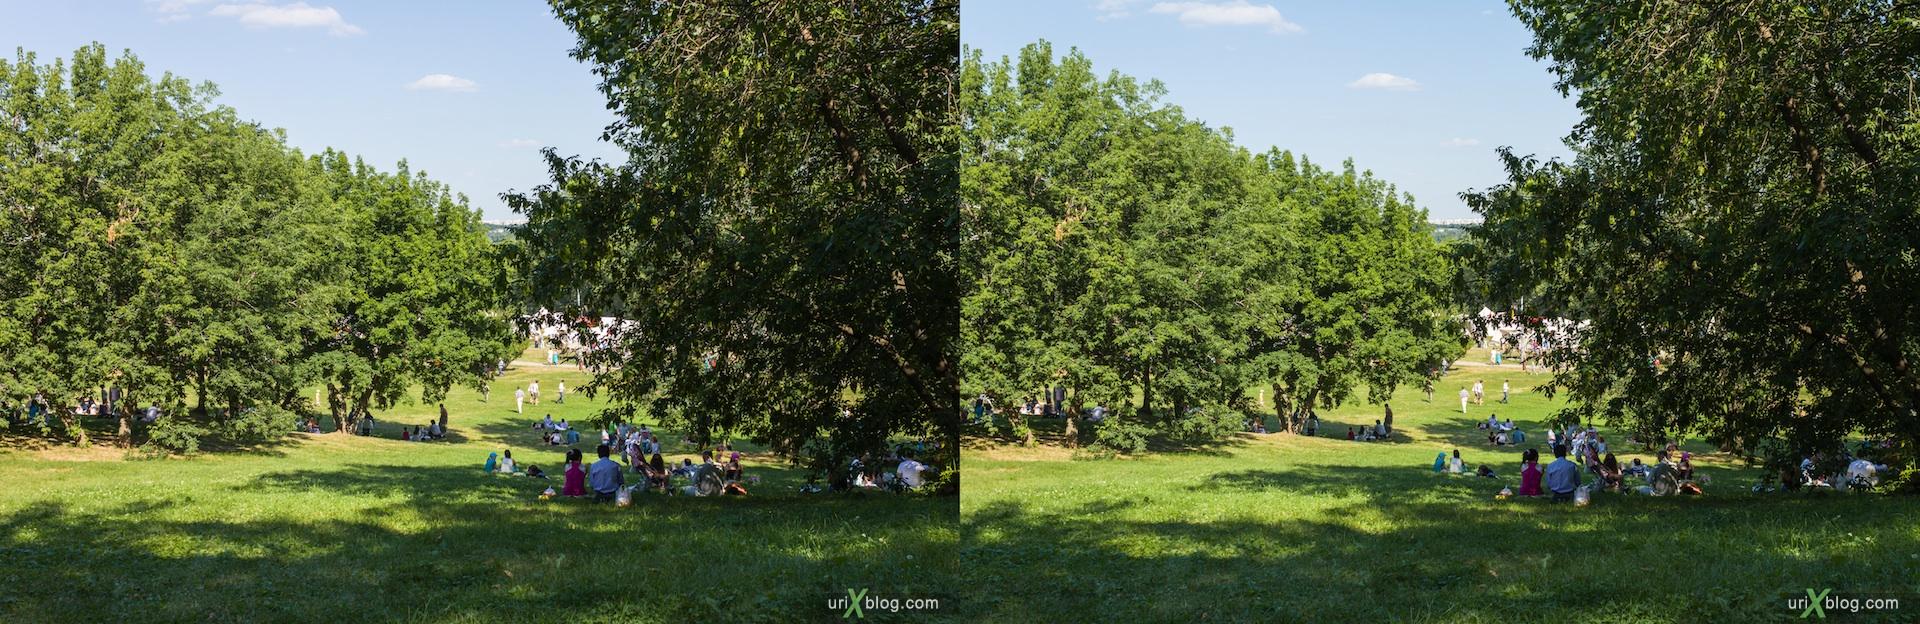 2012 Moscow Kolomenskoe 3D stereo stereo pair crossview park Москва Коломенское парк 3Д стерео перекрёстная стереопара поляна деревья